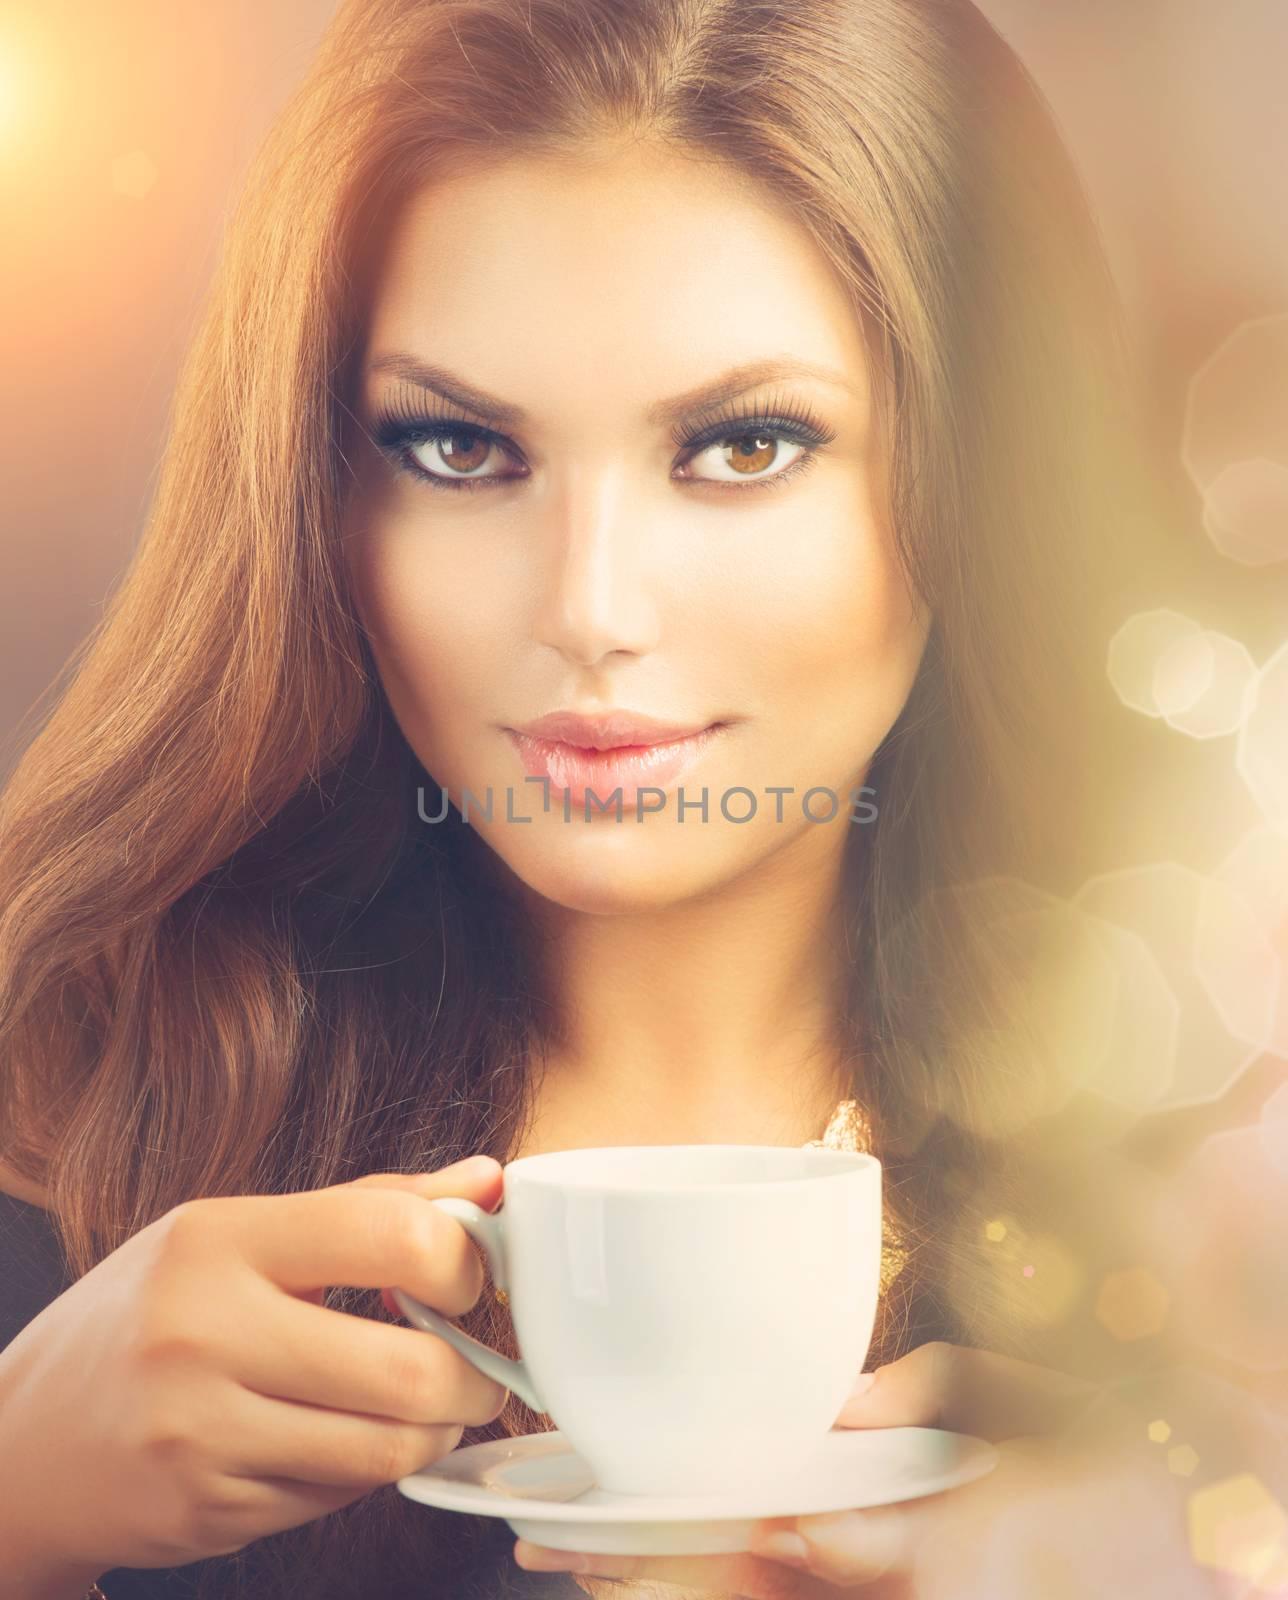 Coffee. Beautiful Sexy Girl Drinking Tea or Coffee